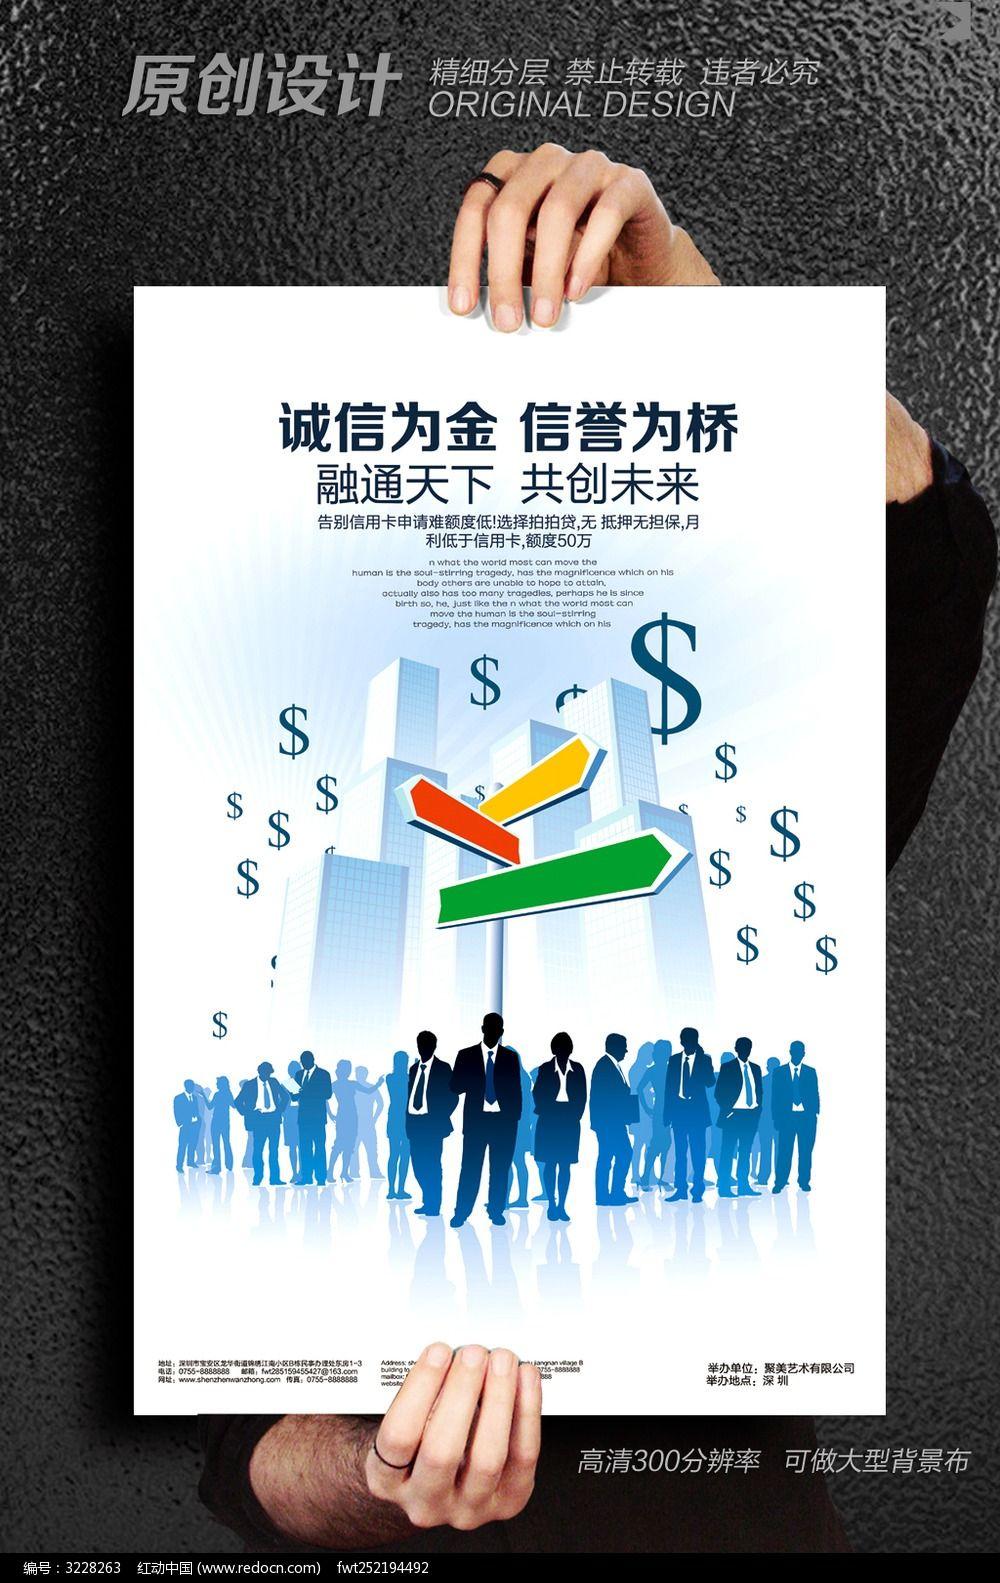 银行理财宣传海报psd素材下载